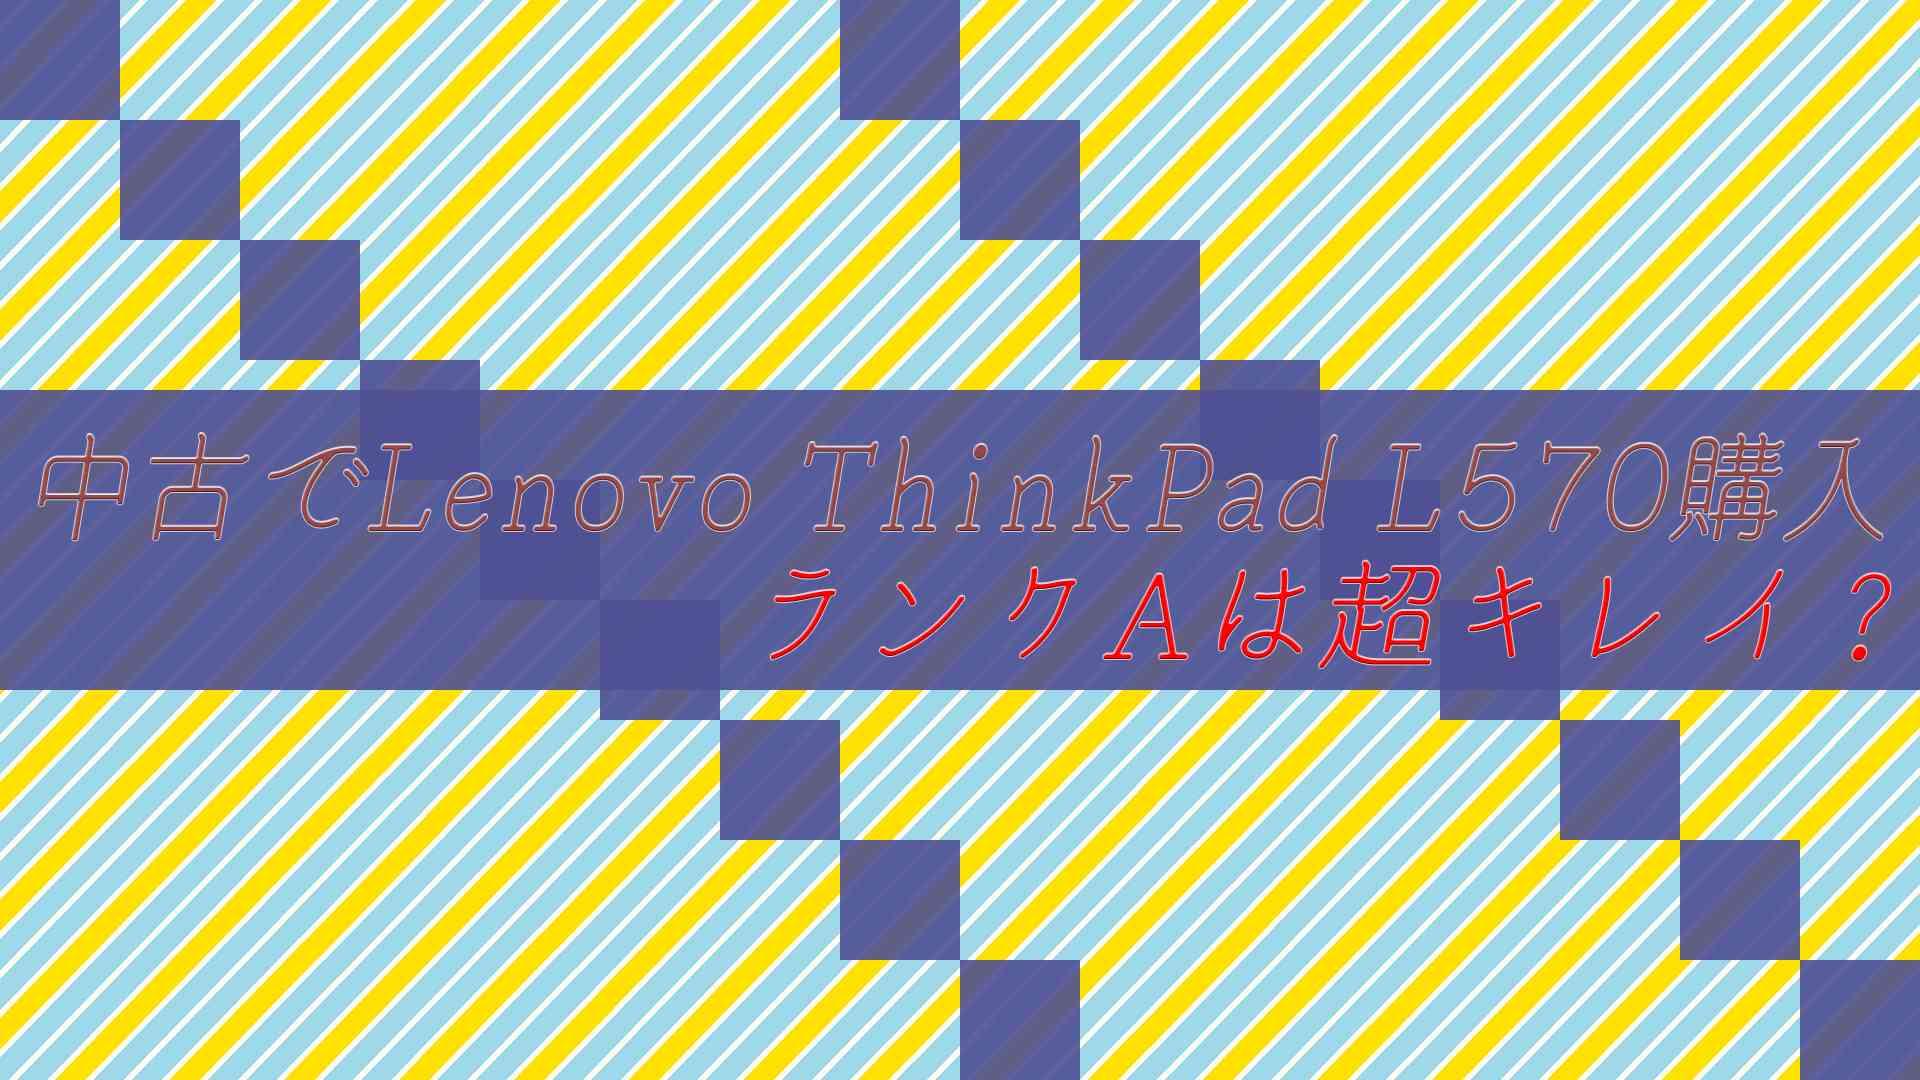 中古でLenovo ThinkPad L570購入しました!ランクAは超キレイ?